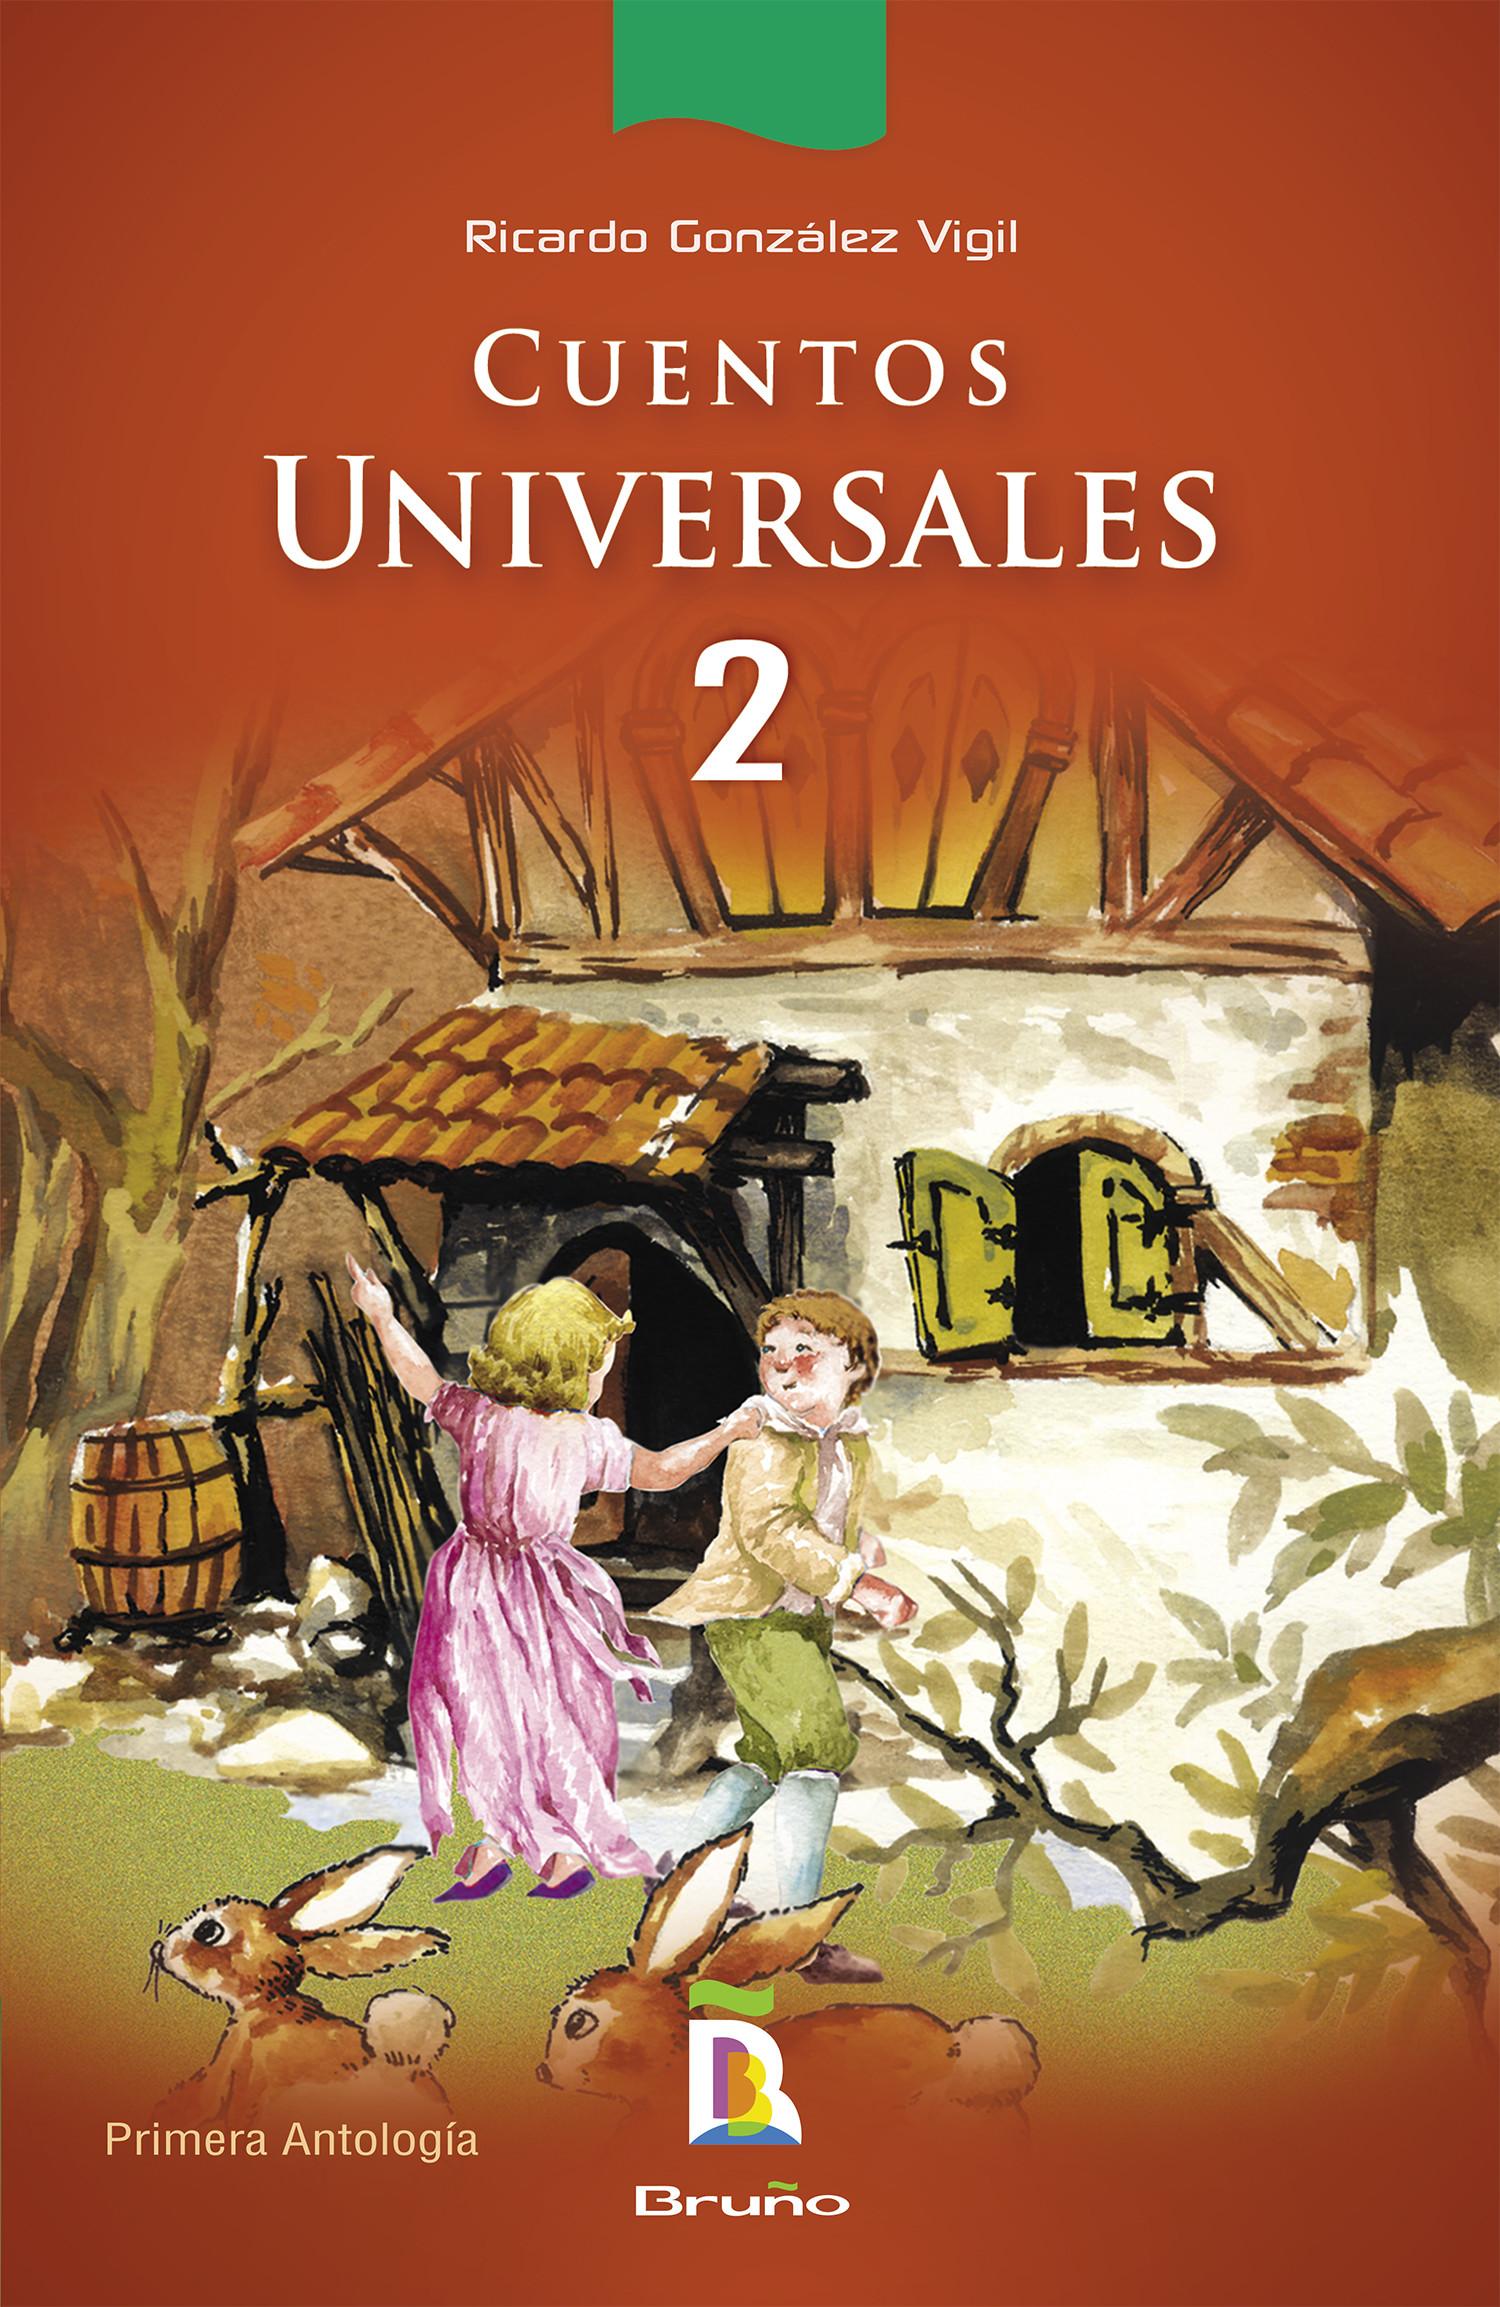 Cuentos universales 2